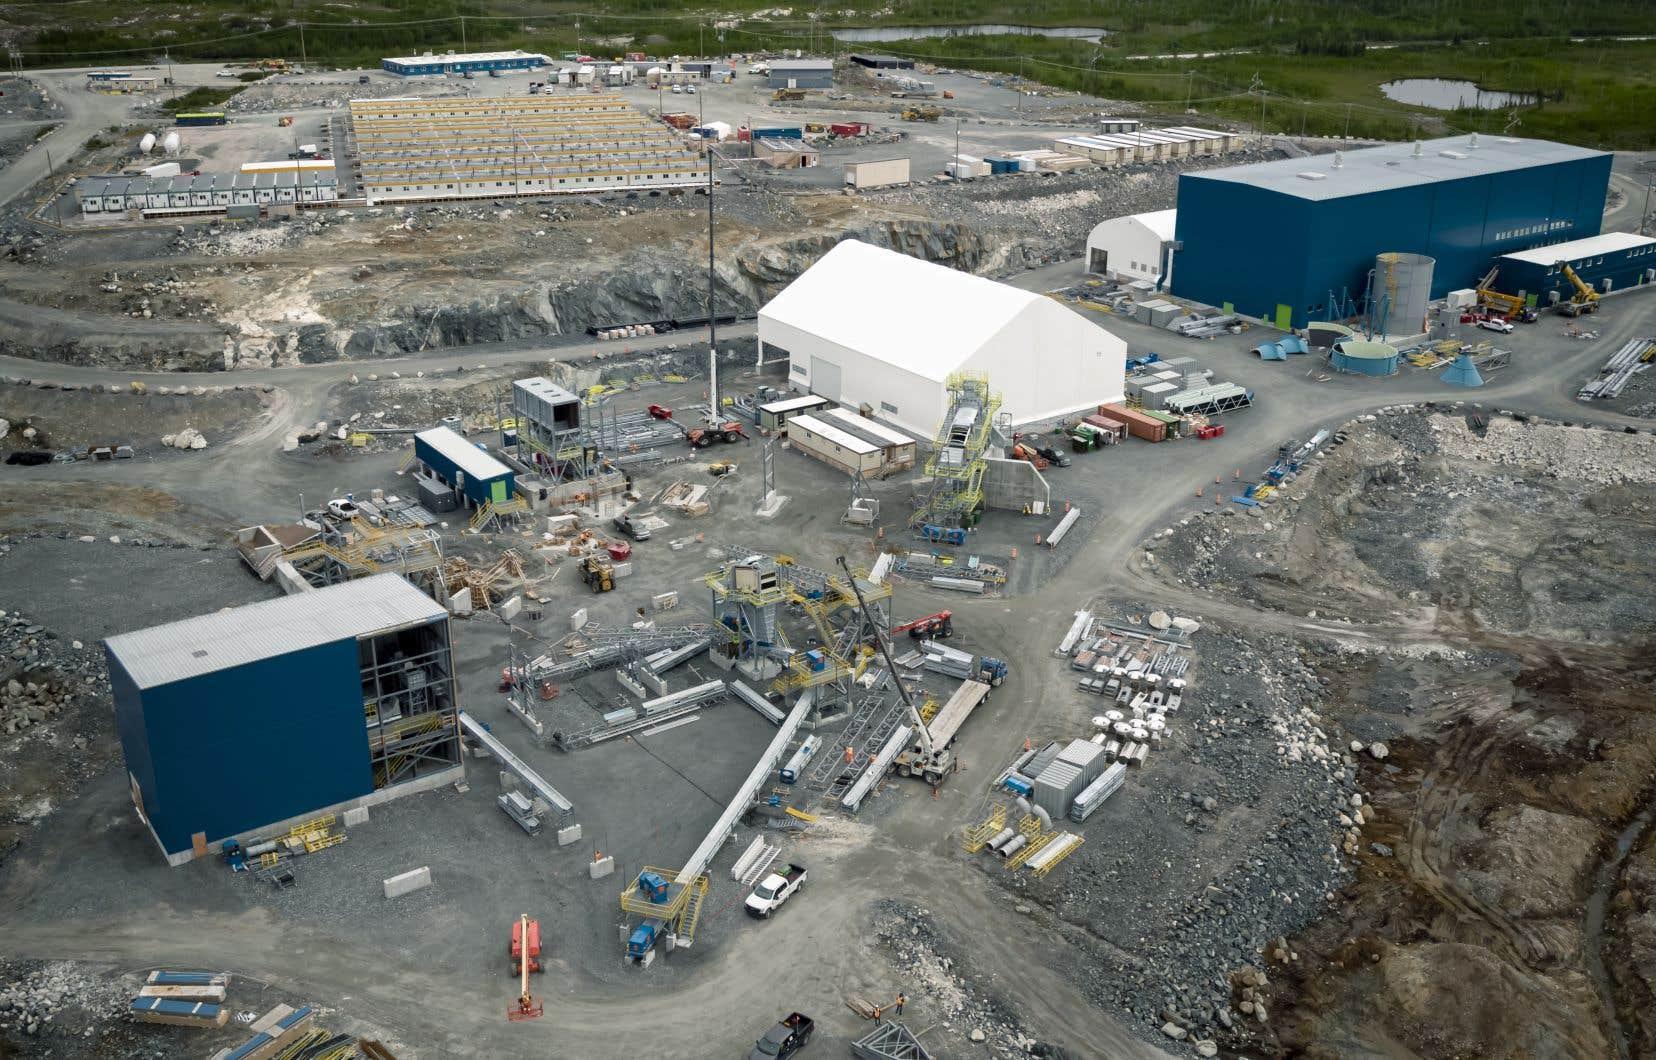 Le coût du projet de la société québécoise Nemaska Lithium a subi des dépassements et maintenant il est établi à 1,3milliard de dollars, dont 130millions de dollars proviennent du gouvernement québécois.